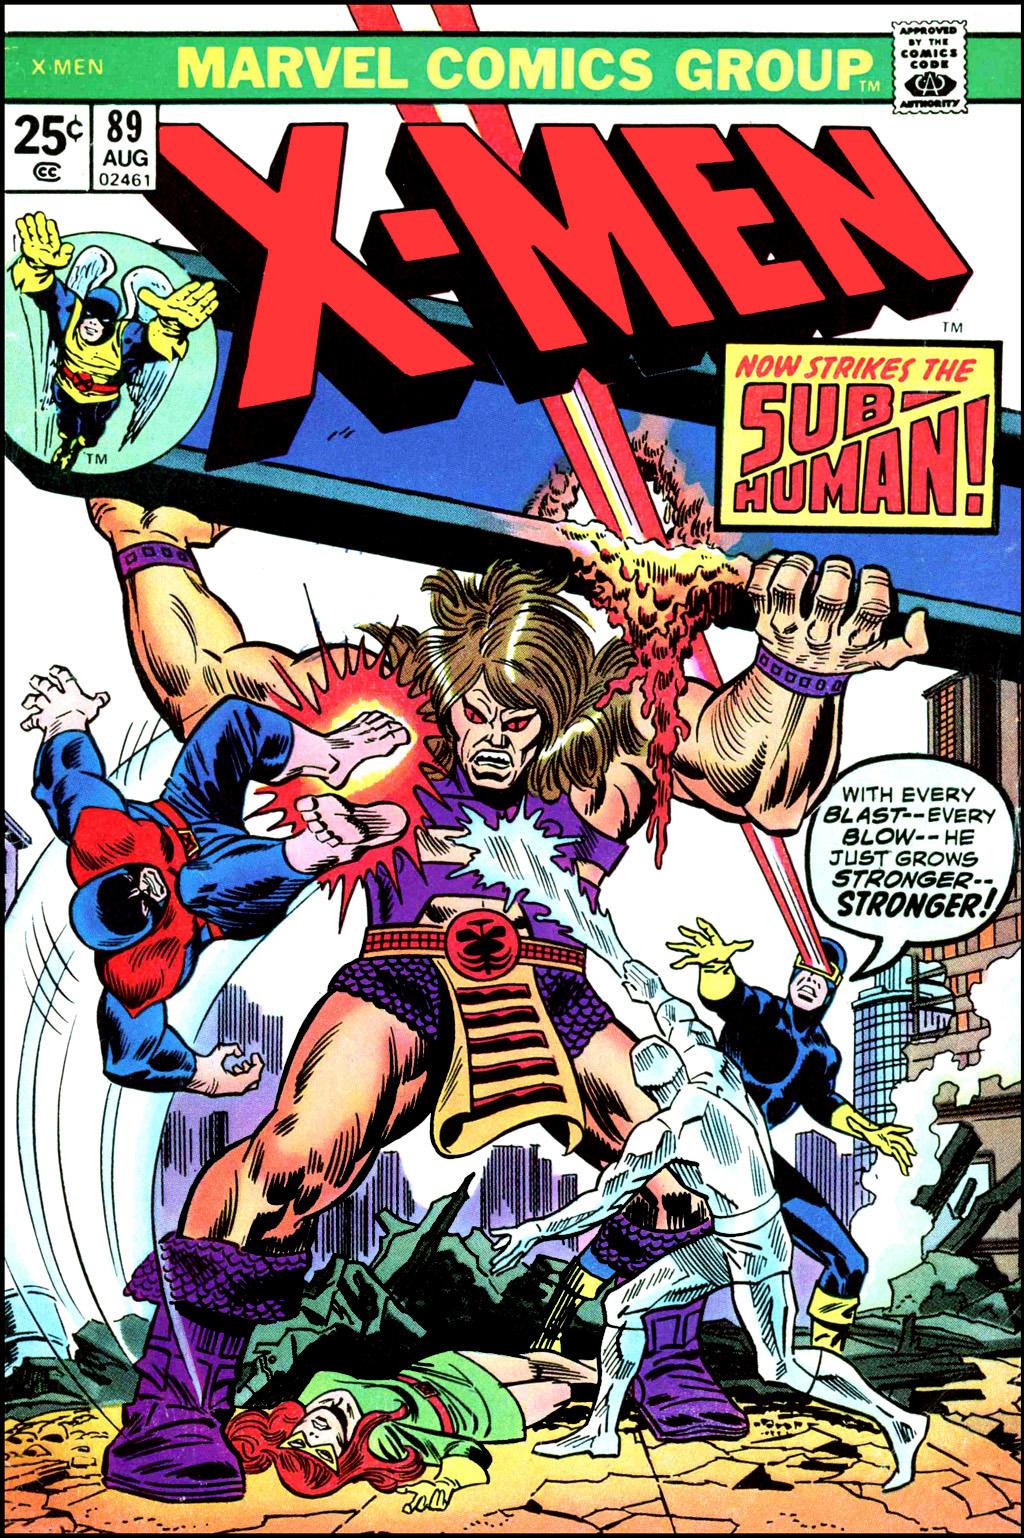 Uncanny X-Men (1963) 89 Page 1